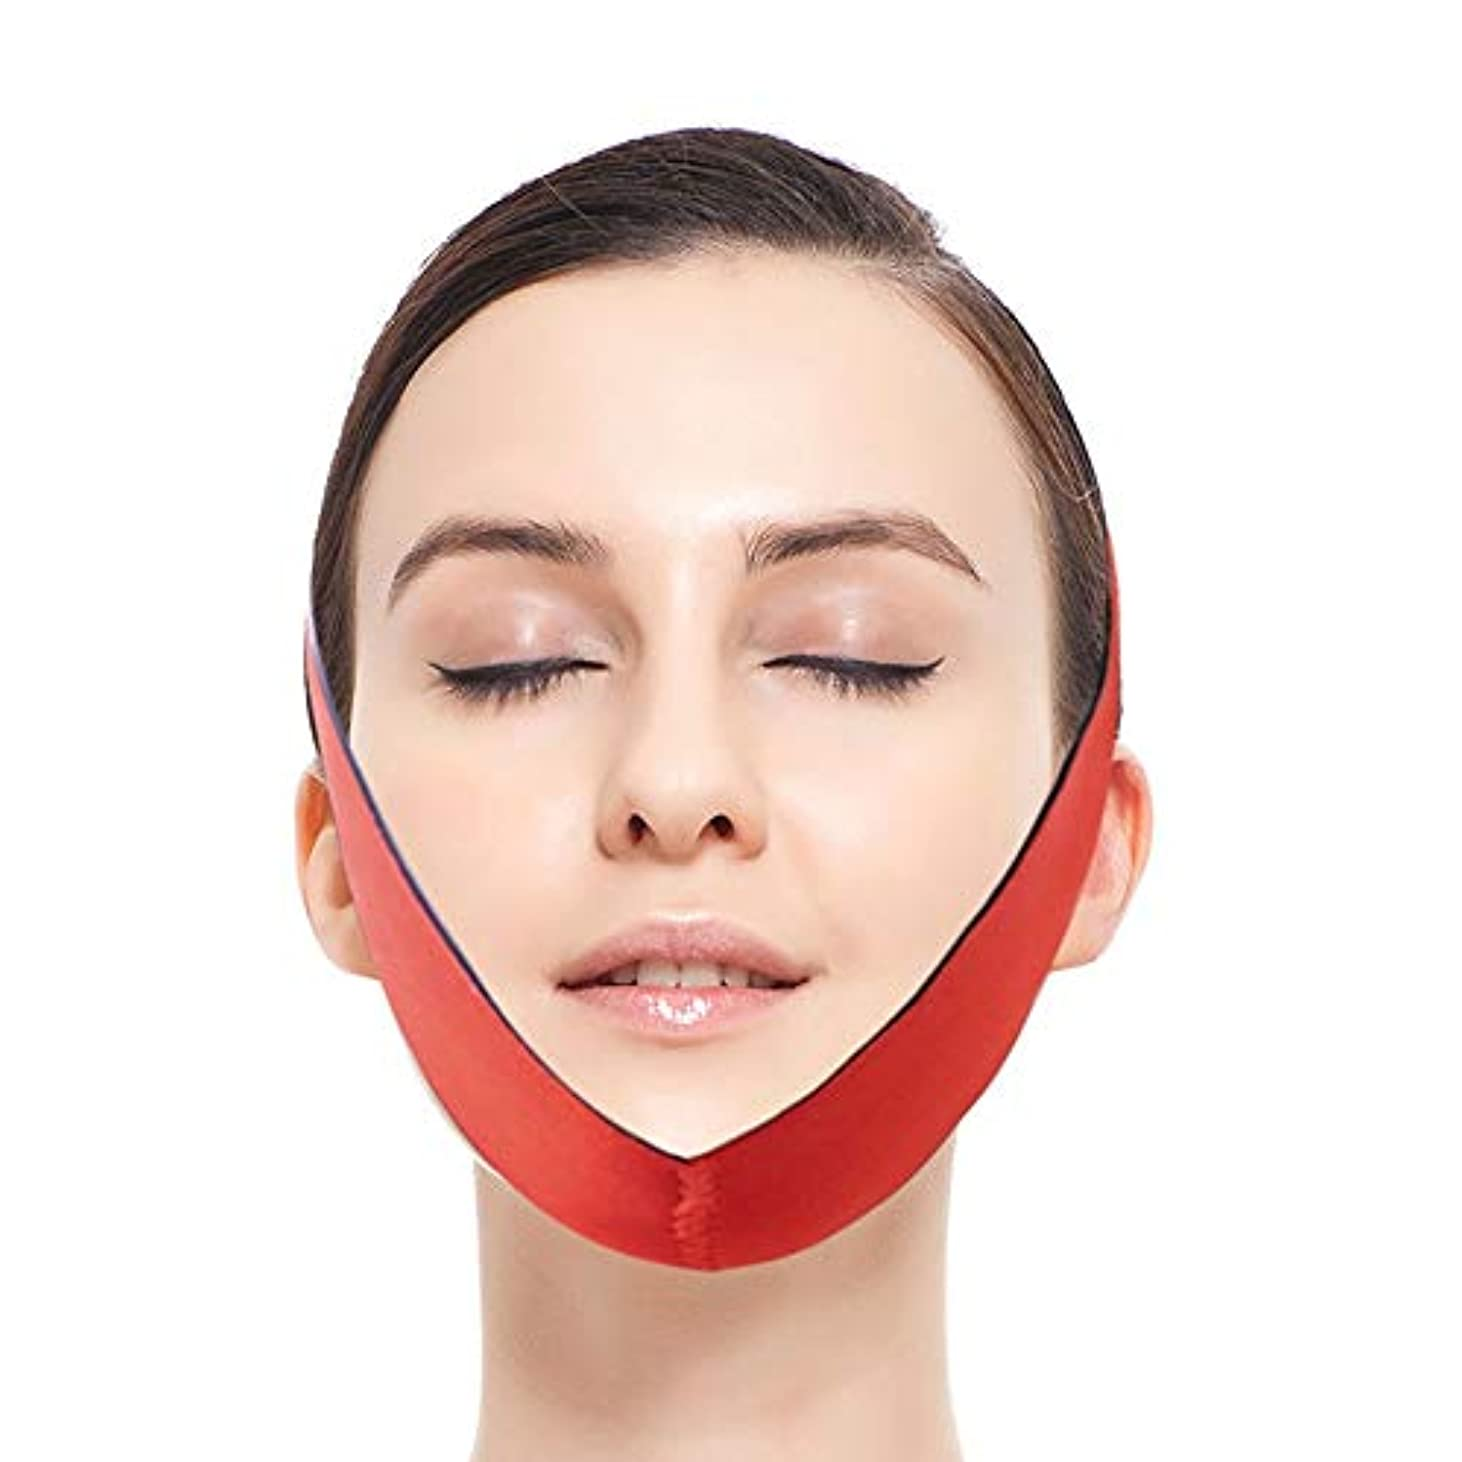 カリキュラムバラエティあたたかいフェイスリフティングアーティファクトVフェイス包帯マスクダブルあご引き締め顔薄い咬傷筋肉下顎矯正顔